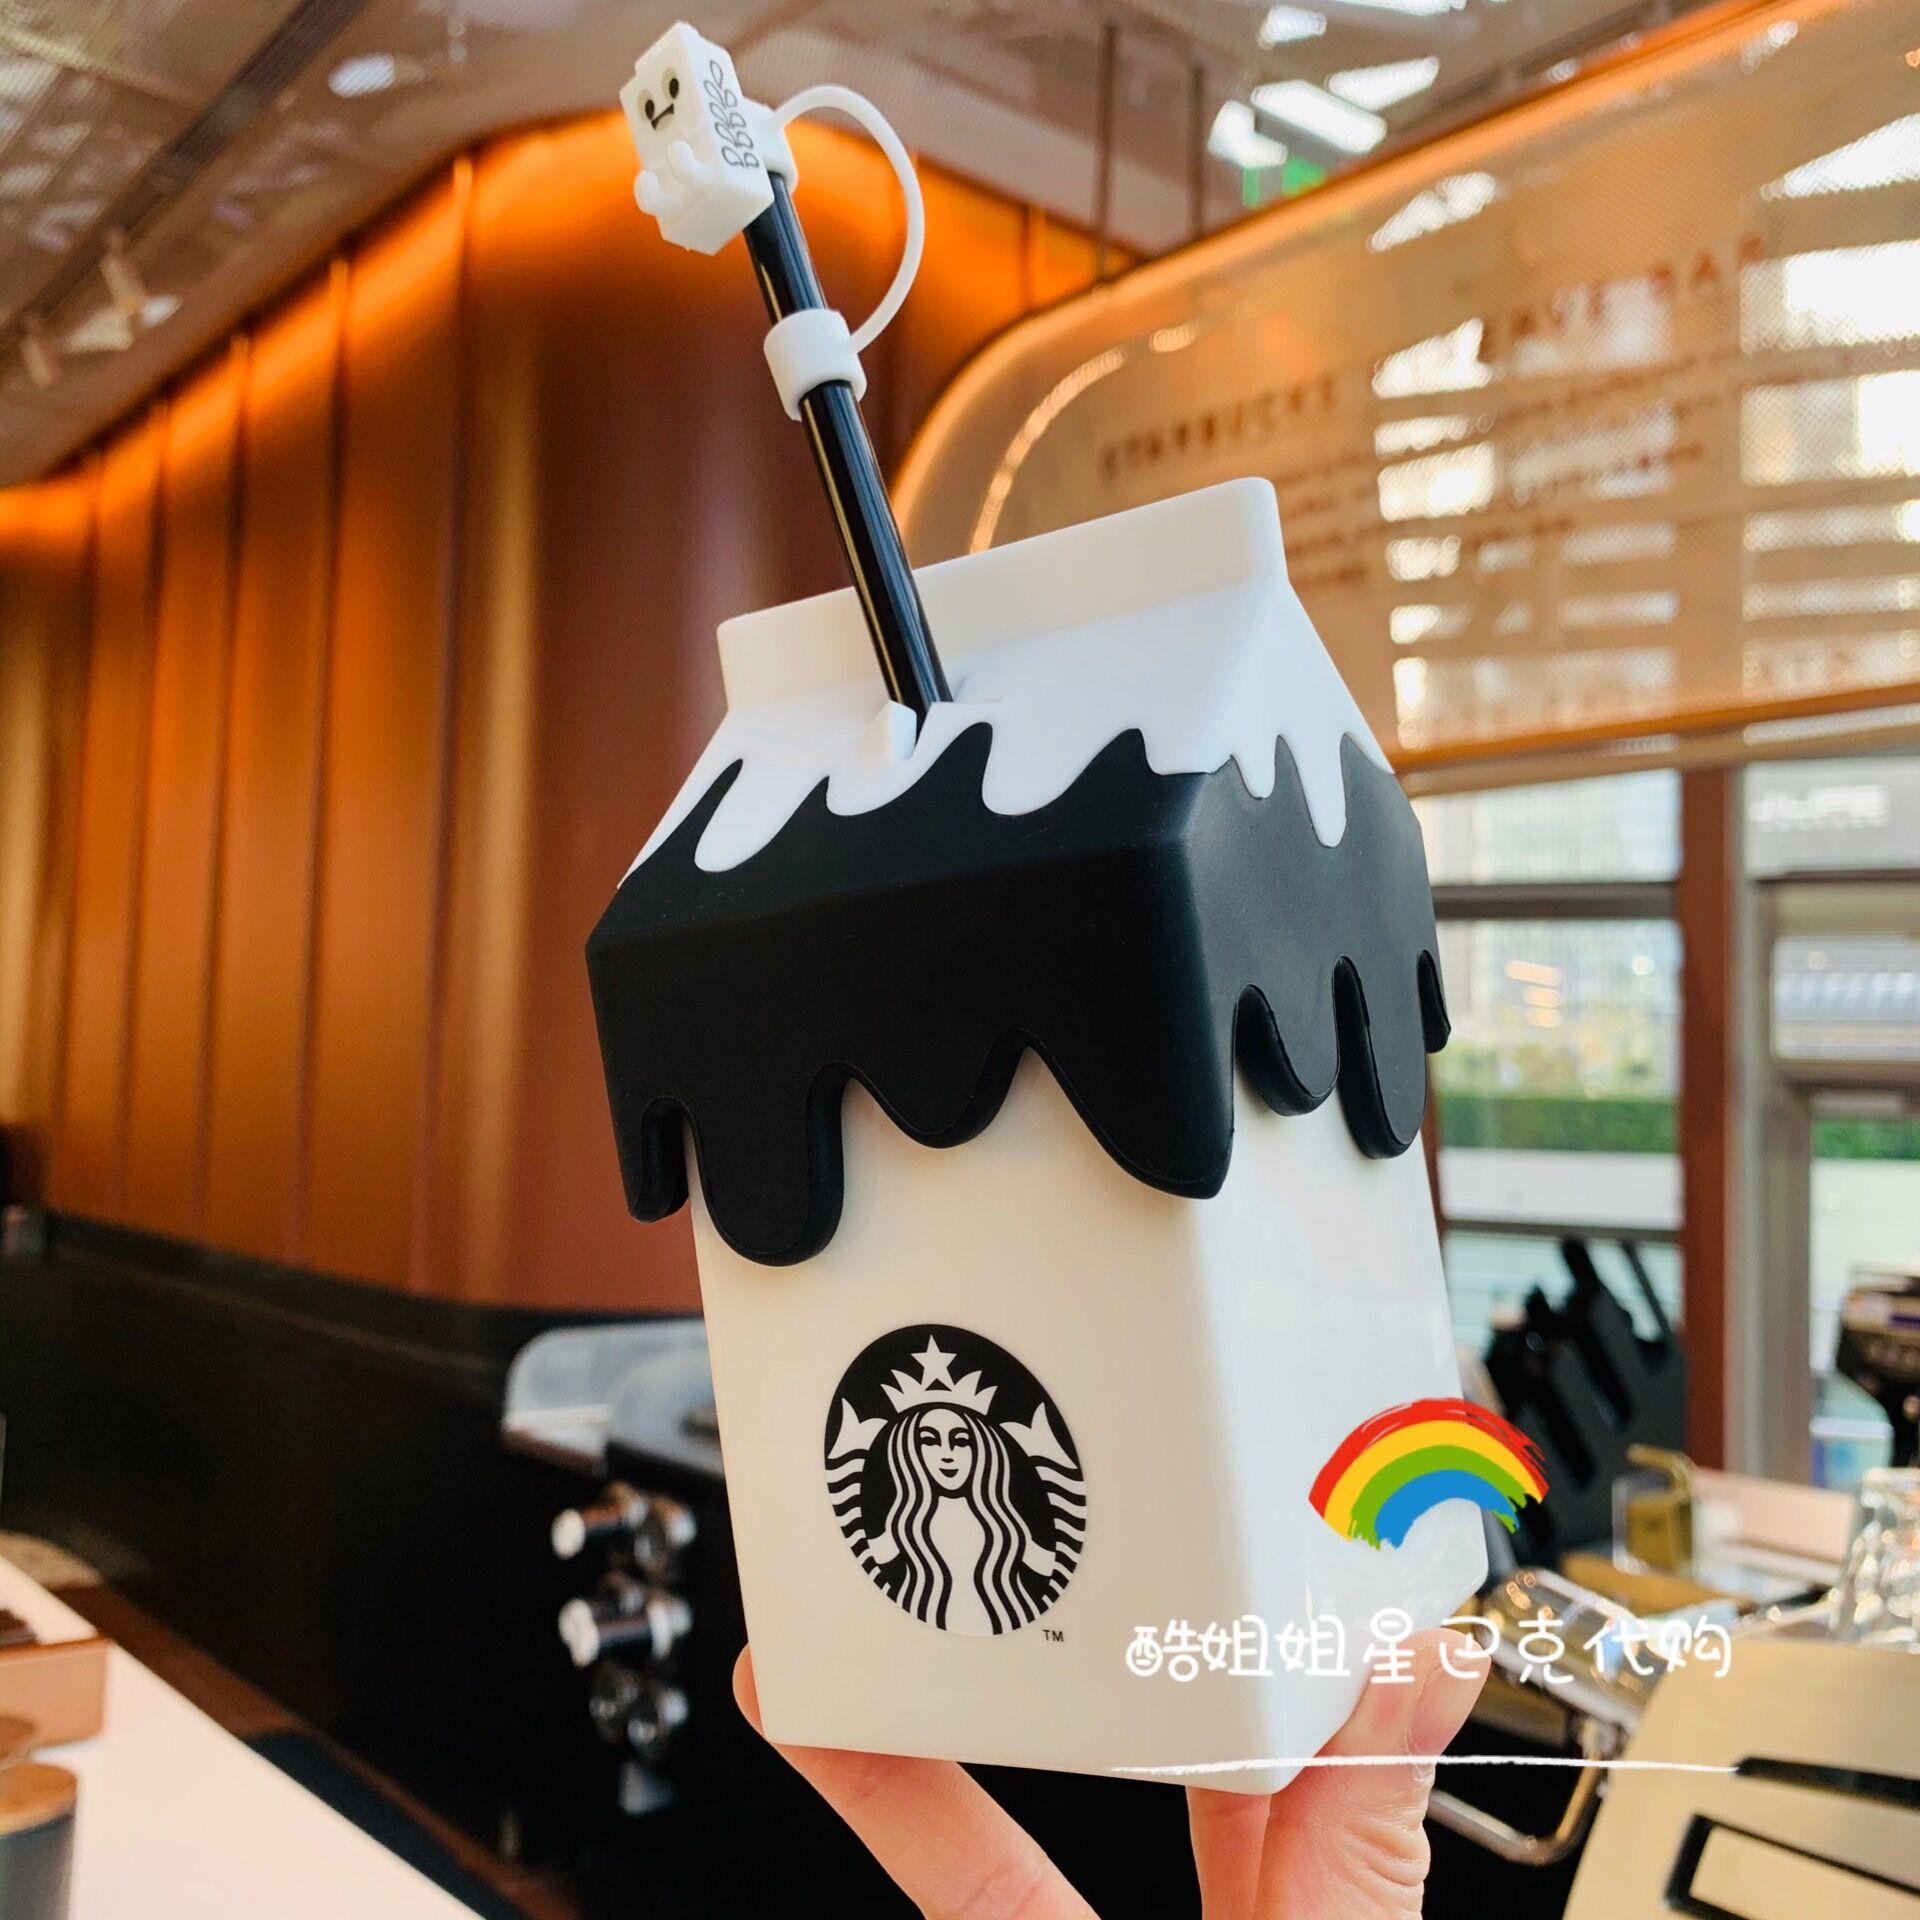 星巴克2020可愛咖啡小熊牛奶盒子趣味陶瓷咖啡杯喝水吸管杯子組合